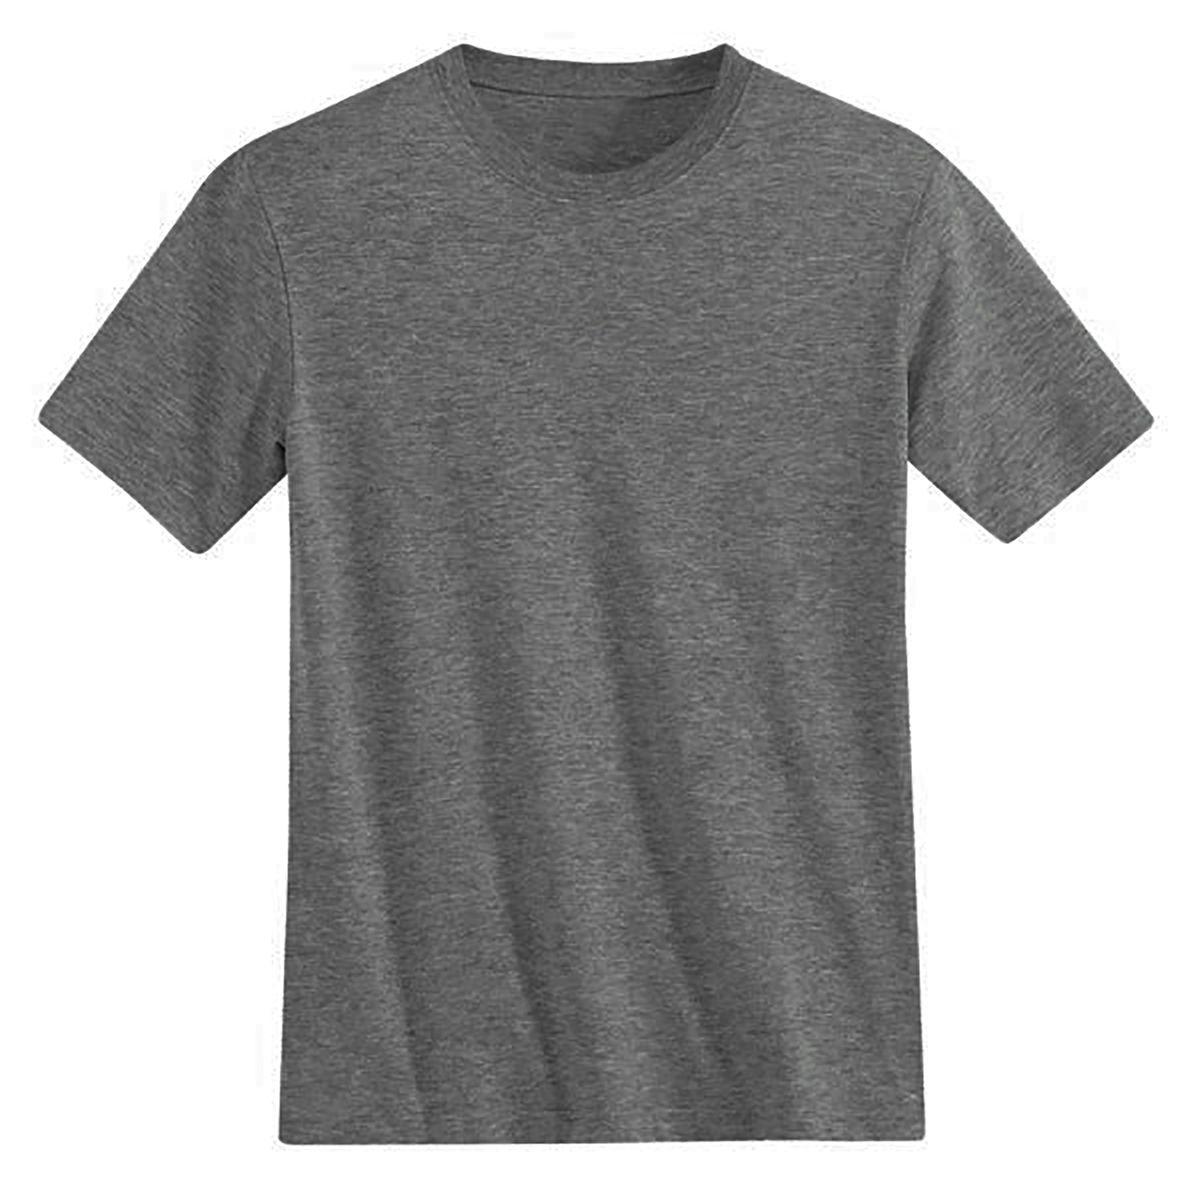 T-shirt col rond et manches courtes, pur coton